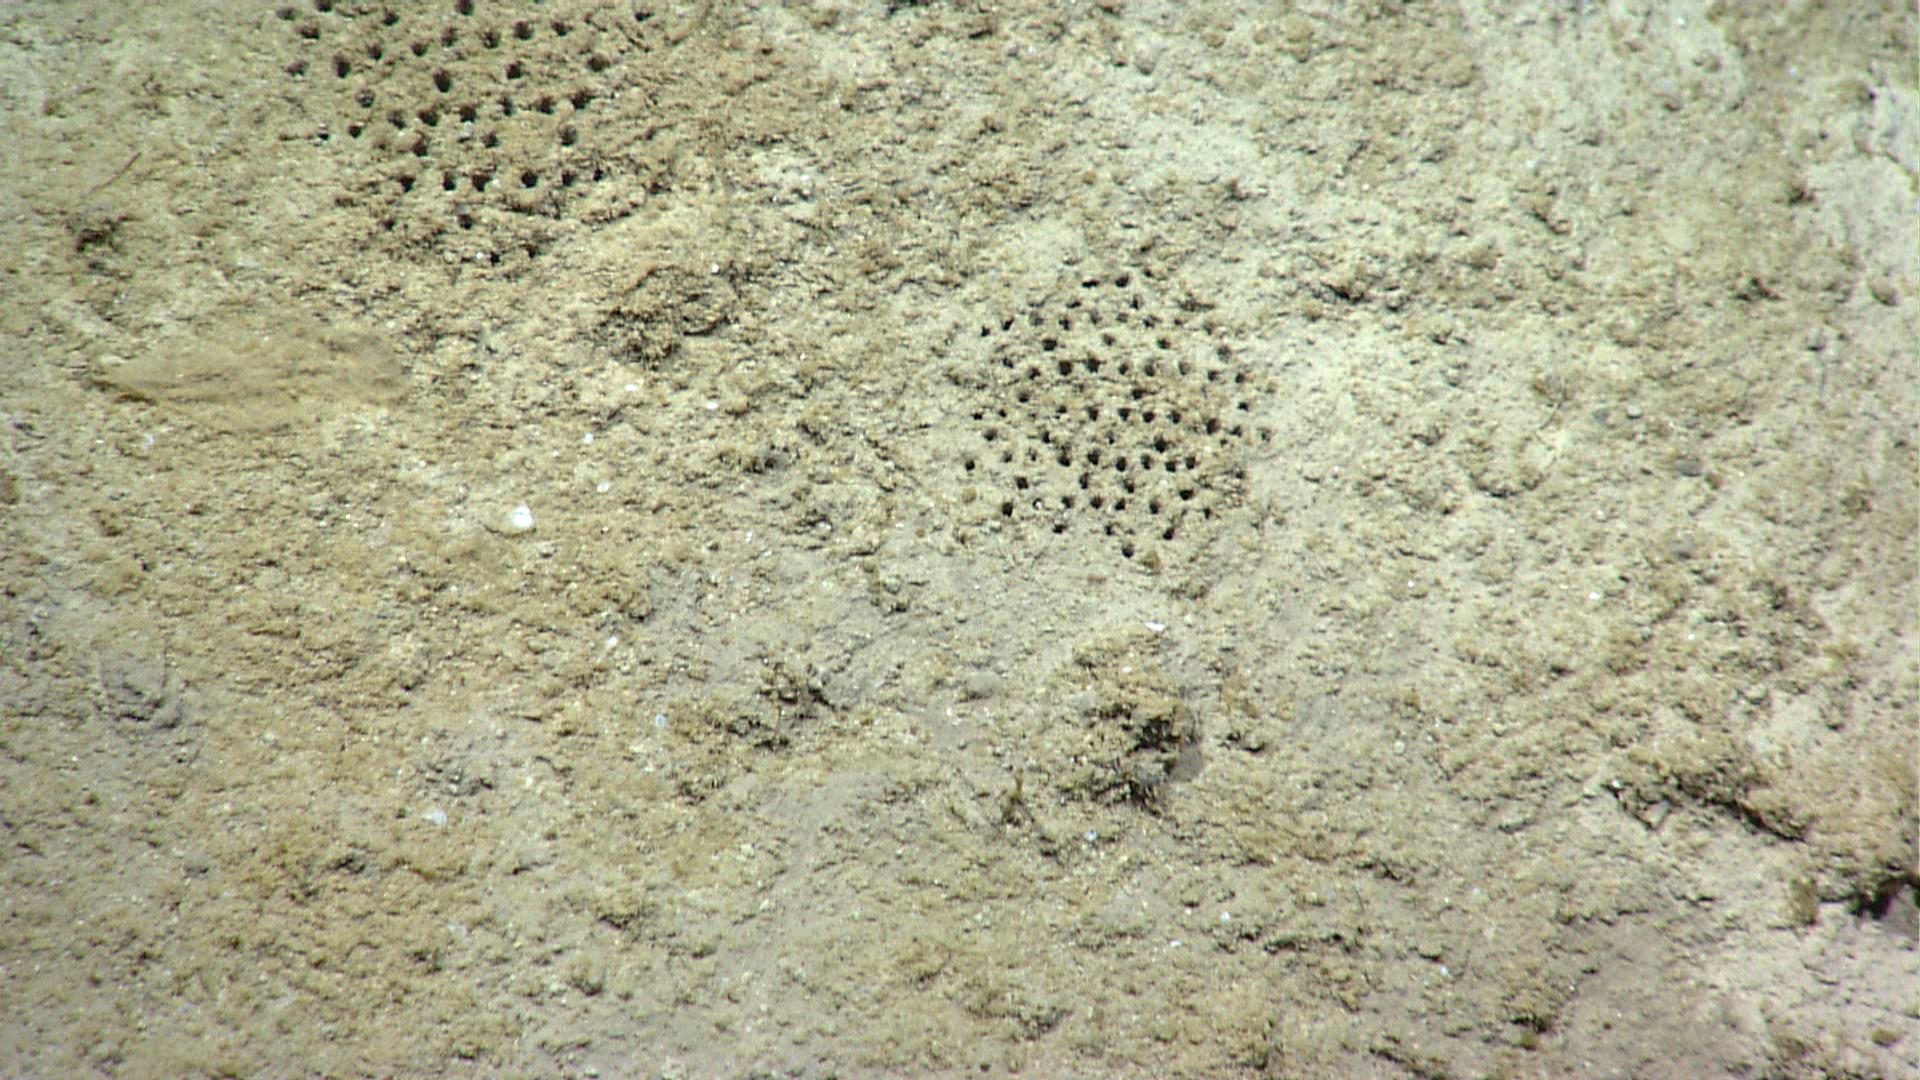 岩層中生物鑽孔的生痕,成了地質學家標記寒武紀的起點。